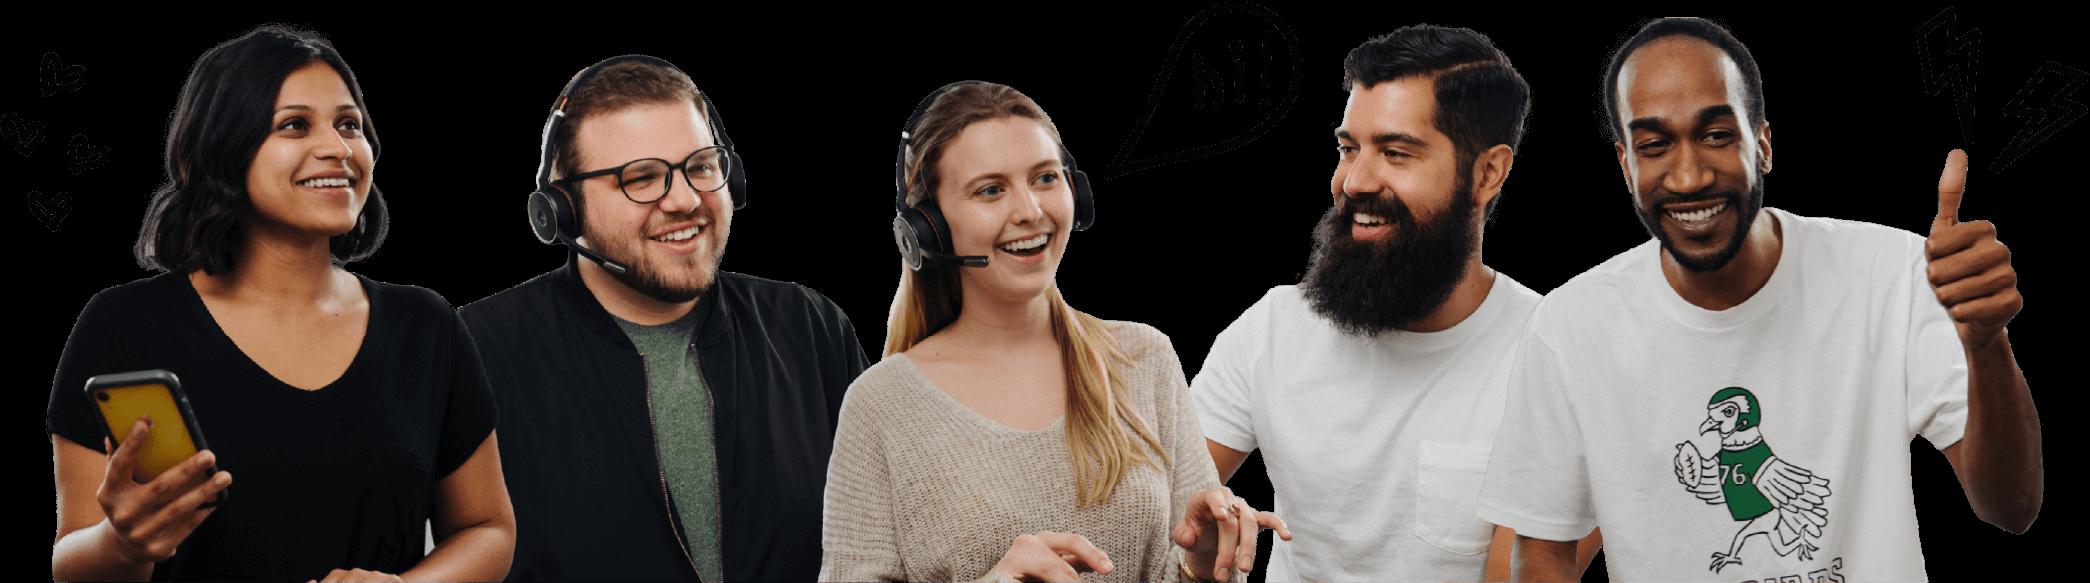 Five, friendly members of Guru's customer experience team